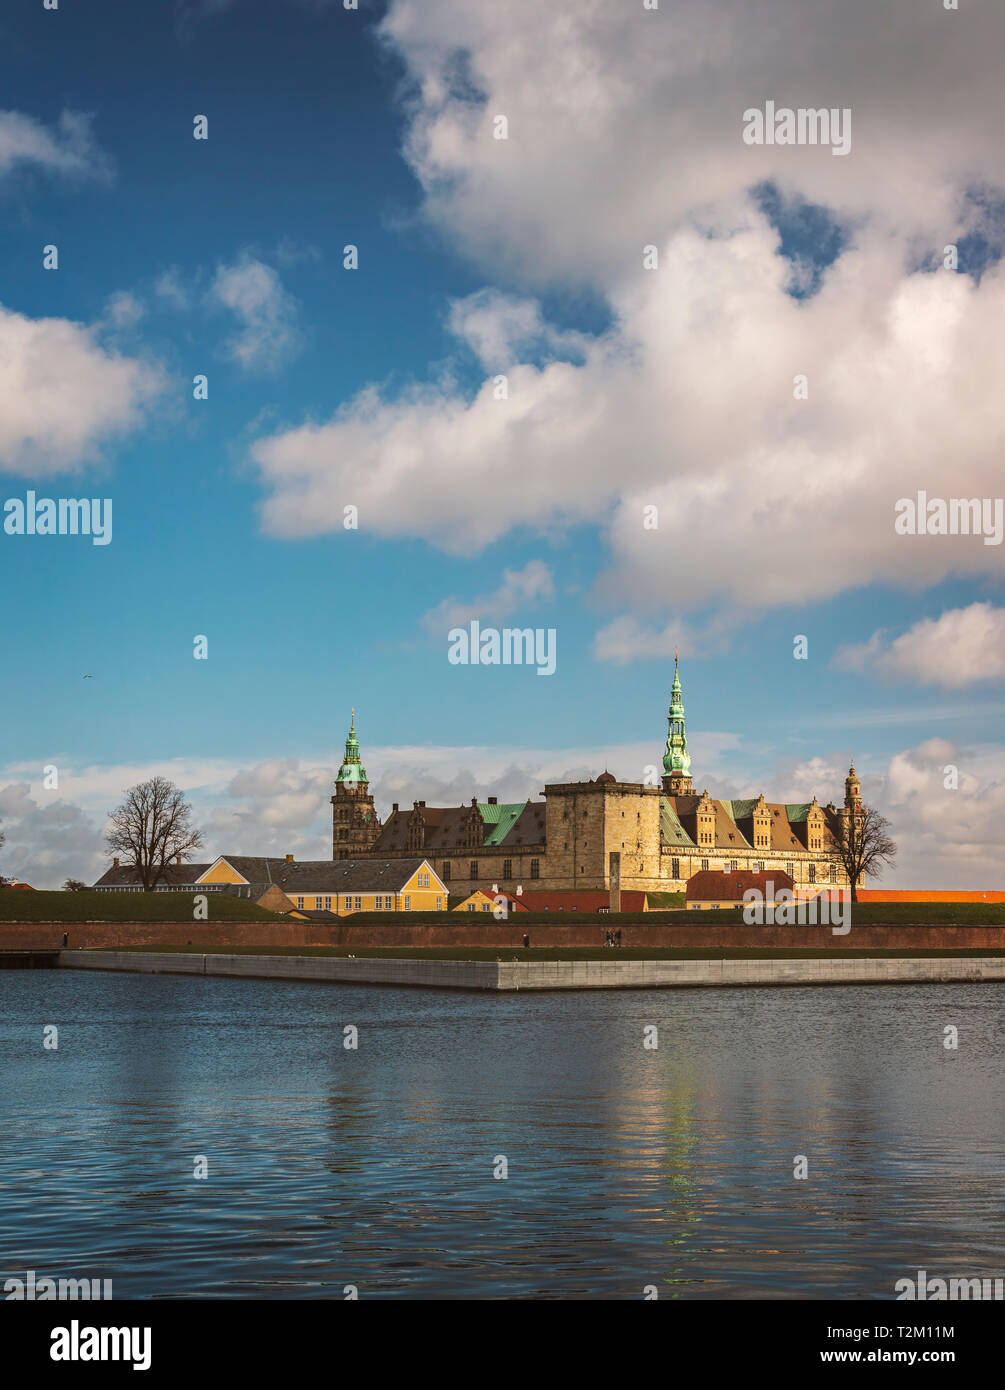 Kronborg castle in the city of Helsingor, Denmark. - Stock Image